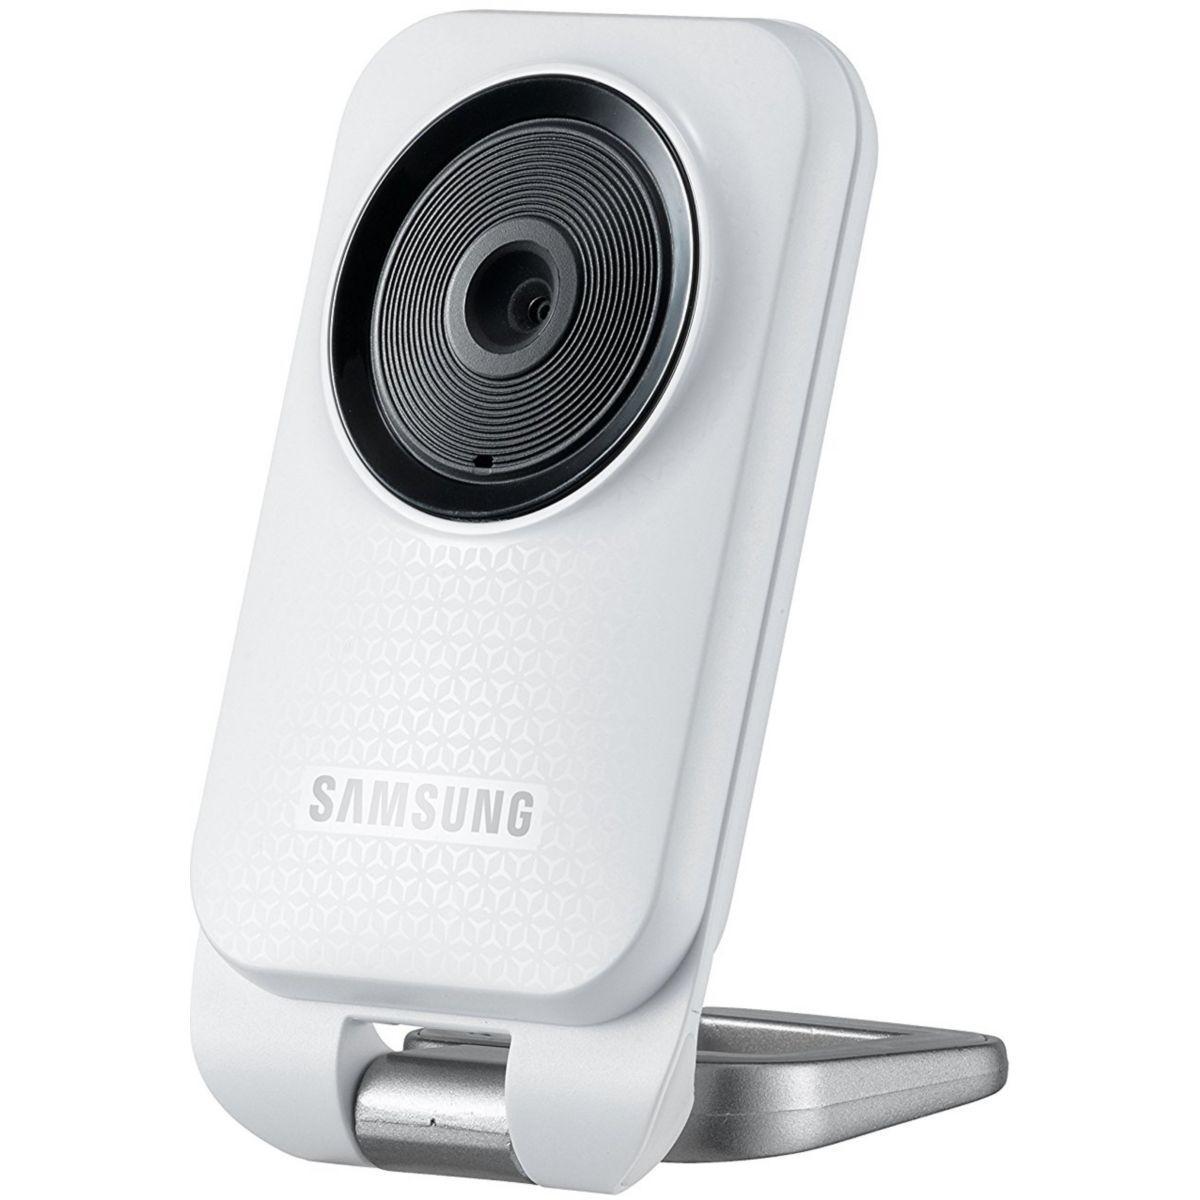 Cam�ra samsung smartcam plate full hd - 7% de remise imm�diate avec le code : paques7 (photo)